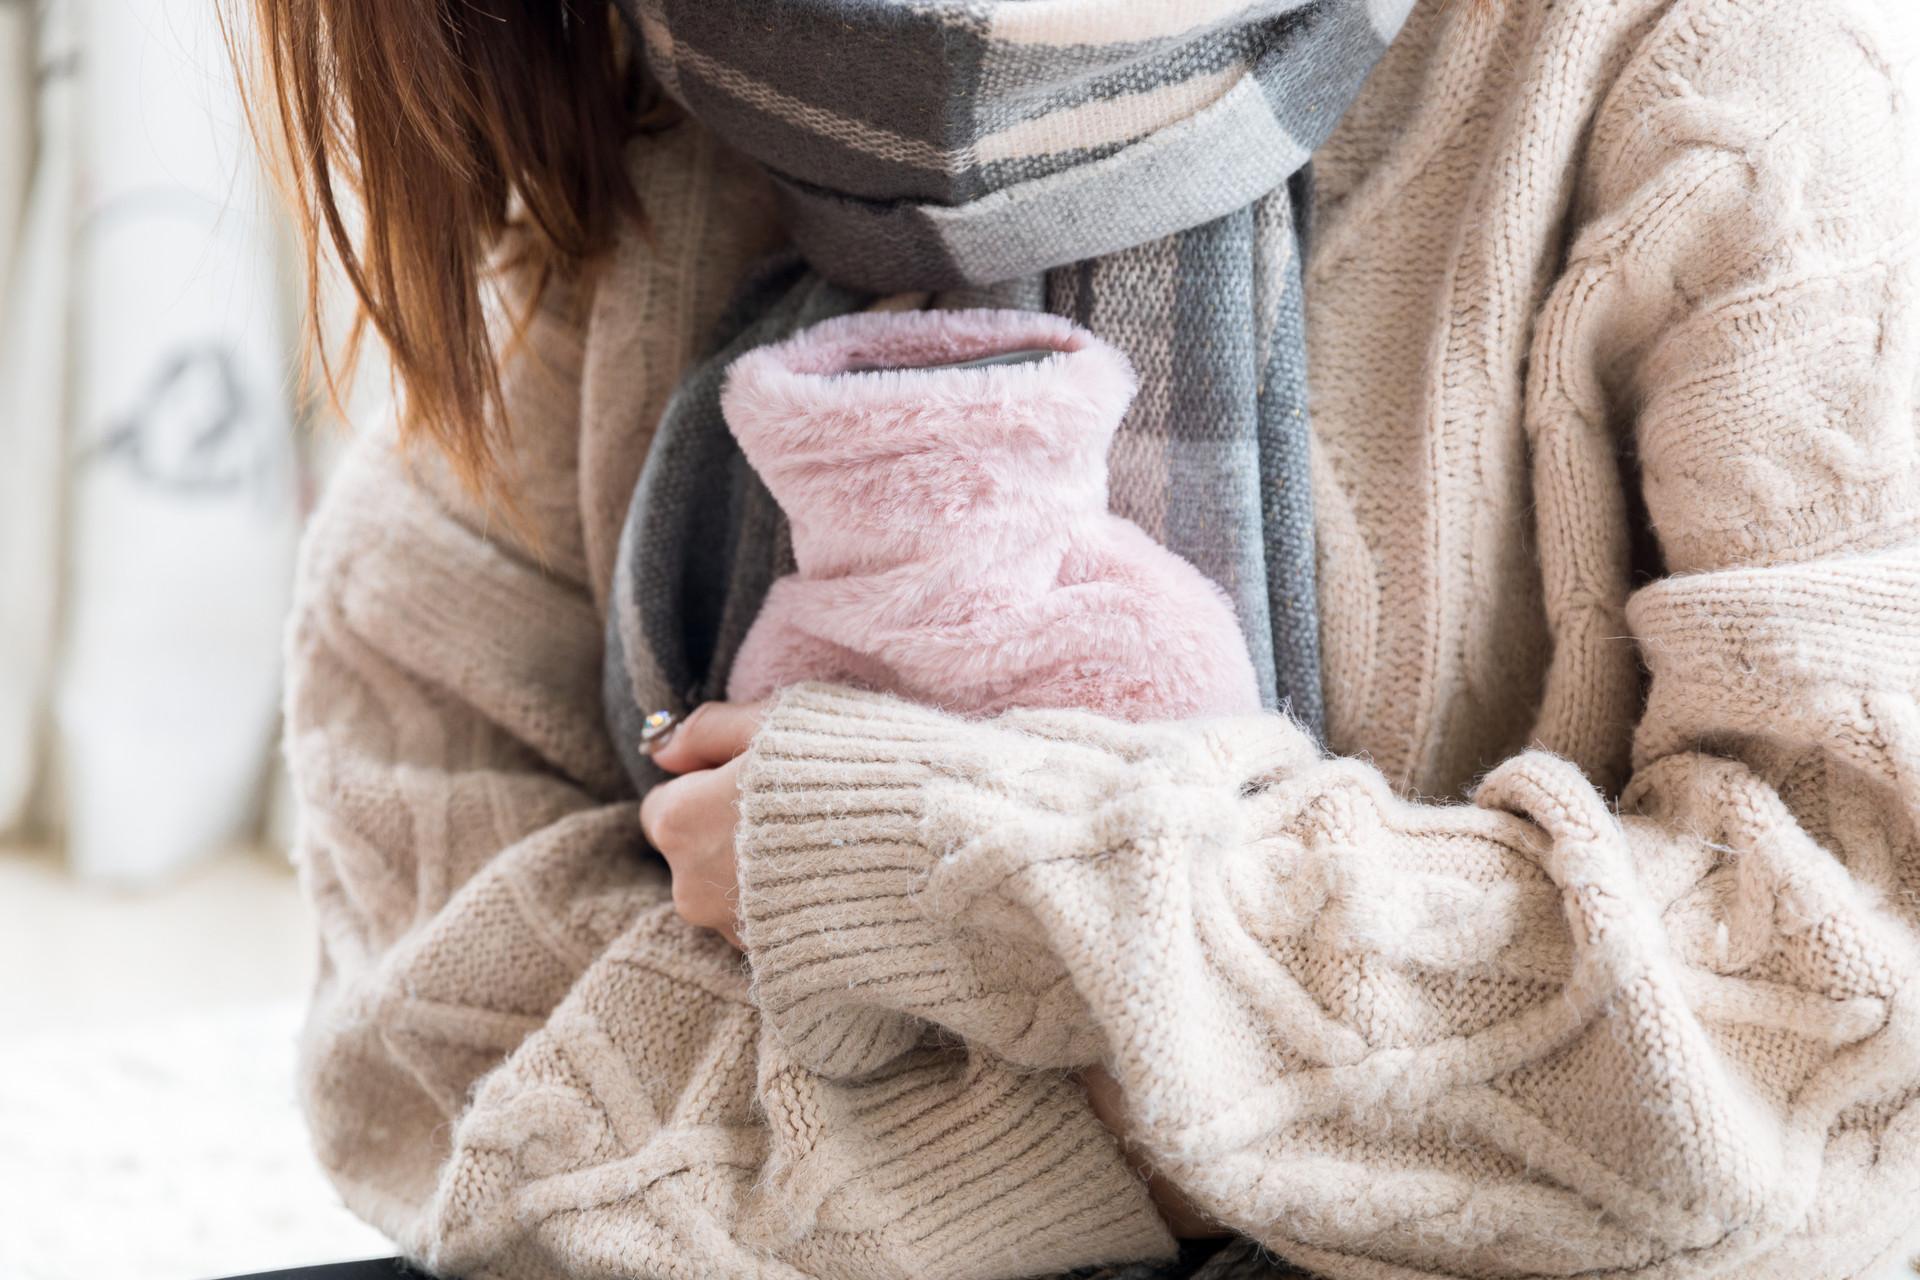 秋冬季保暖穿搭,御寒神器囤起来